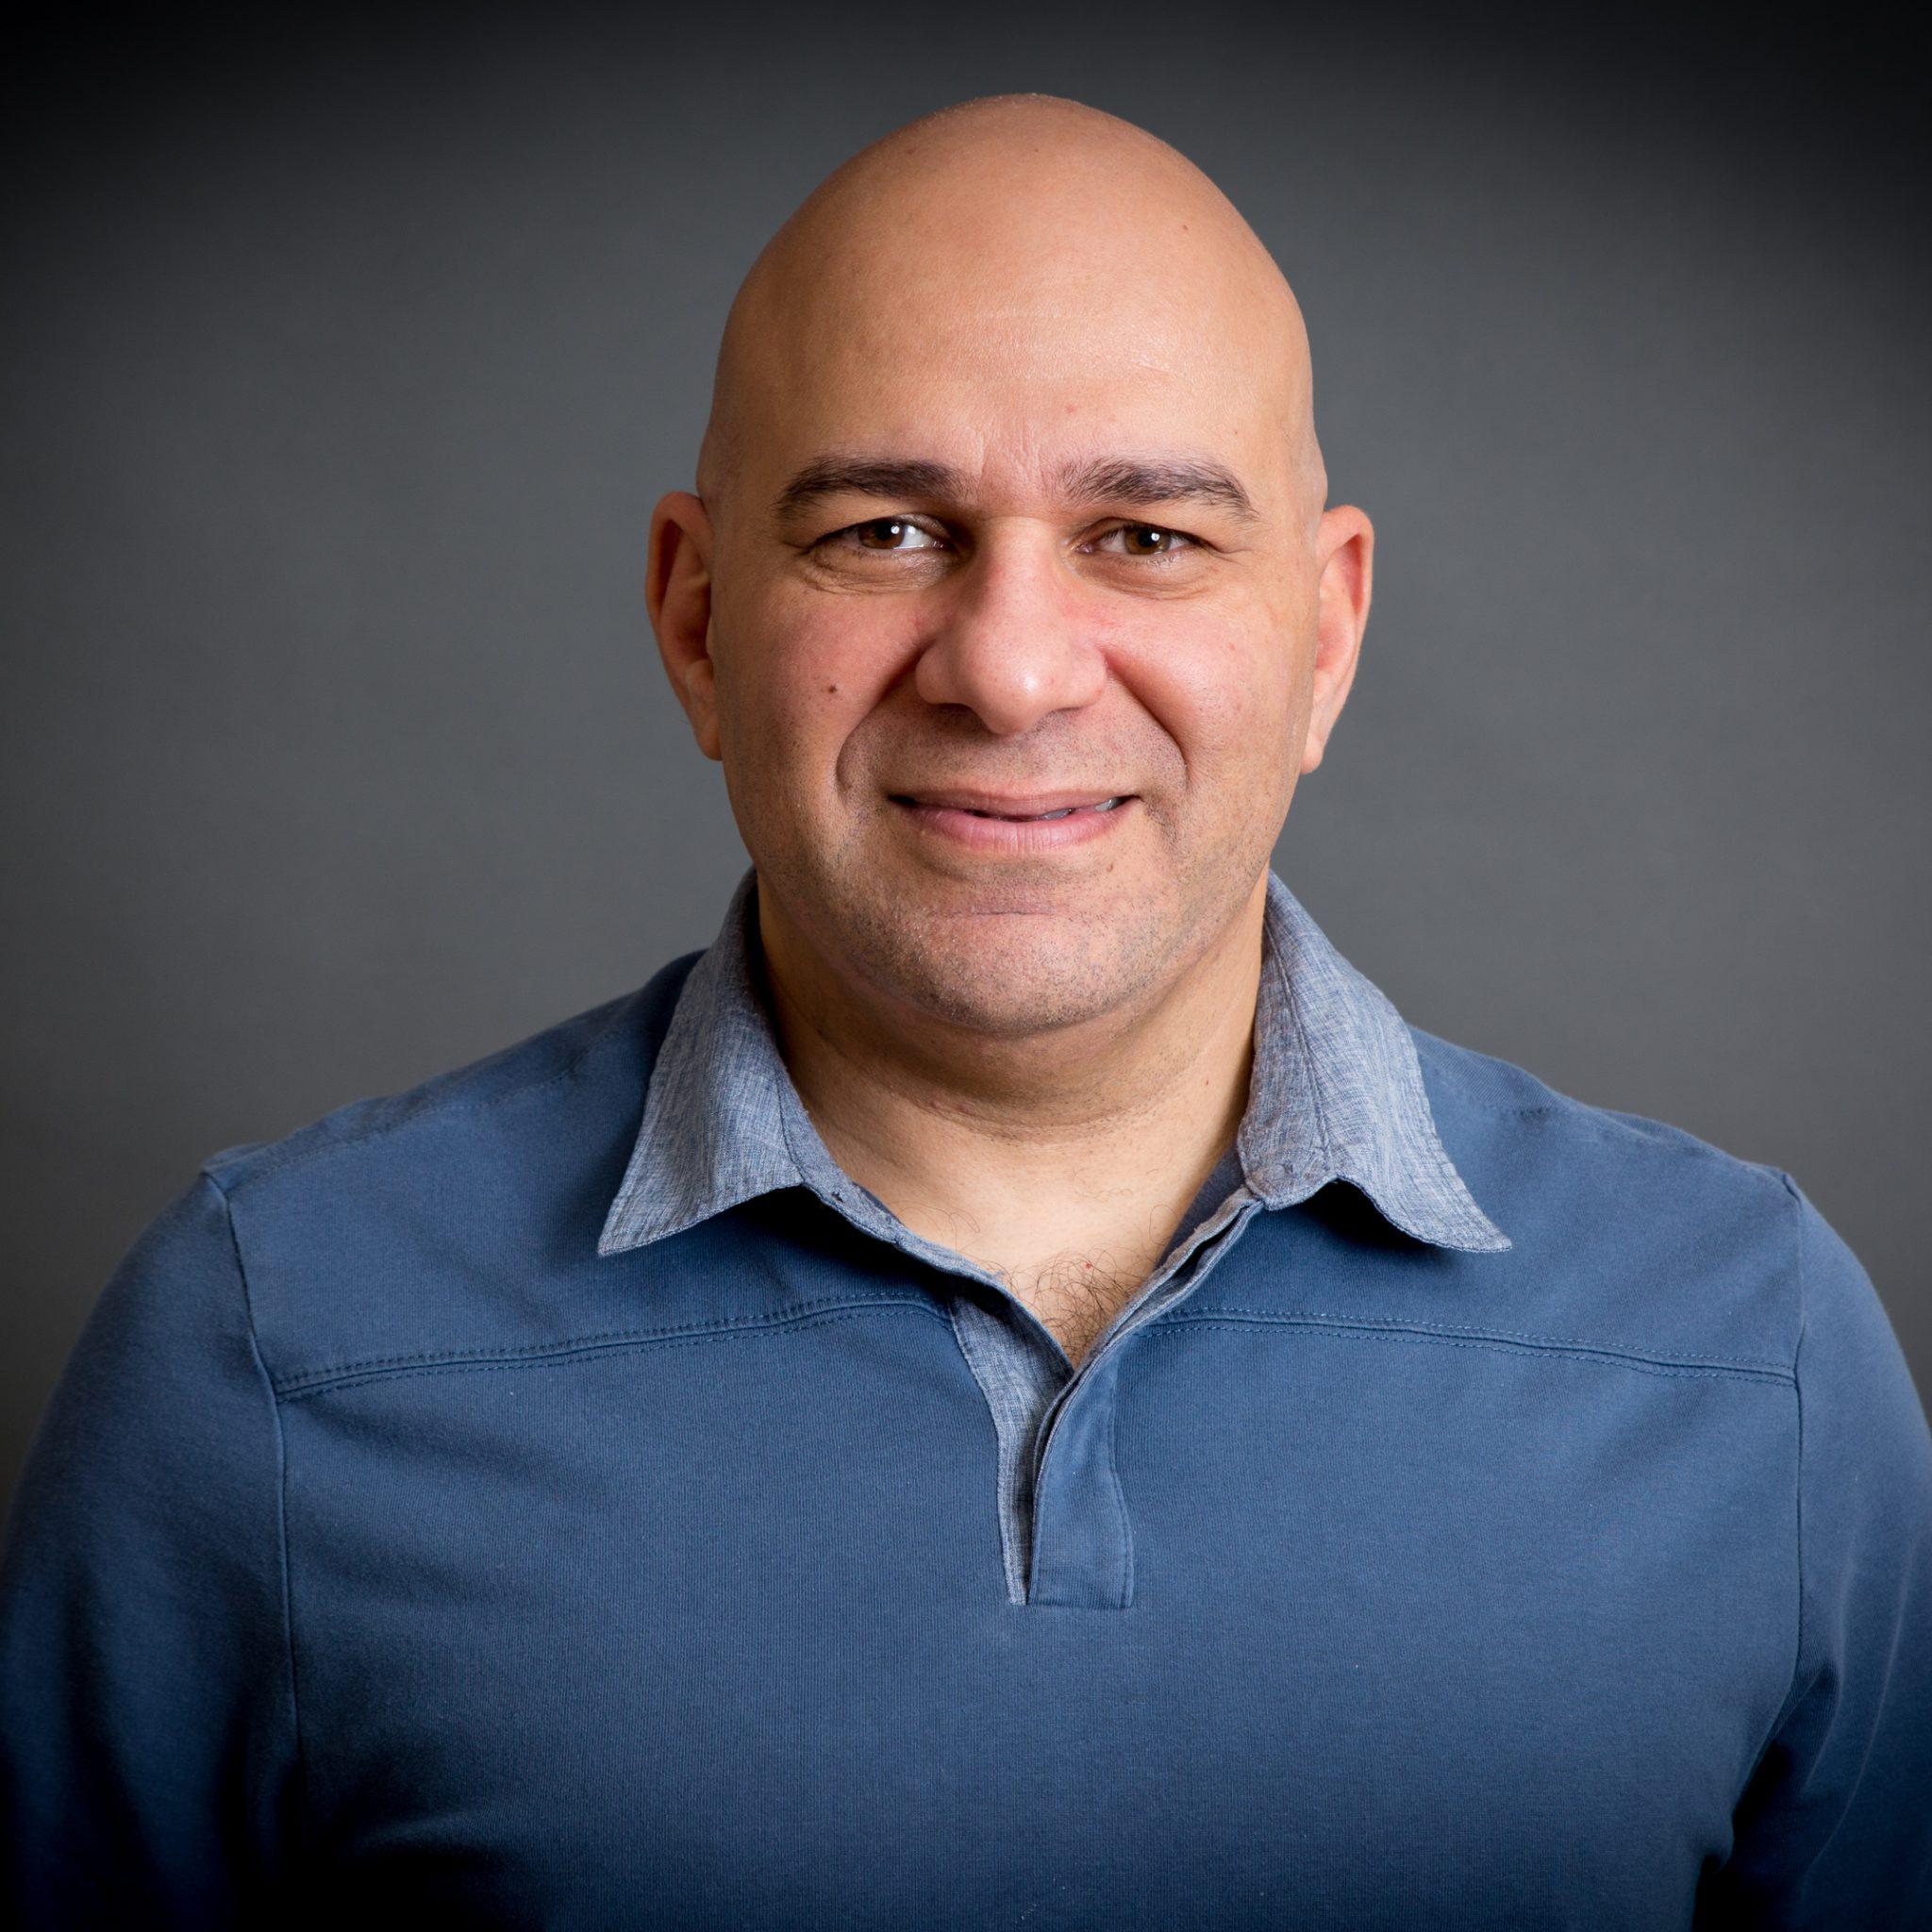 Samer Haija